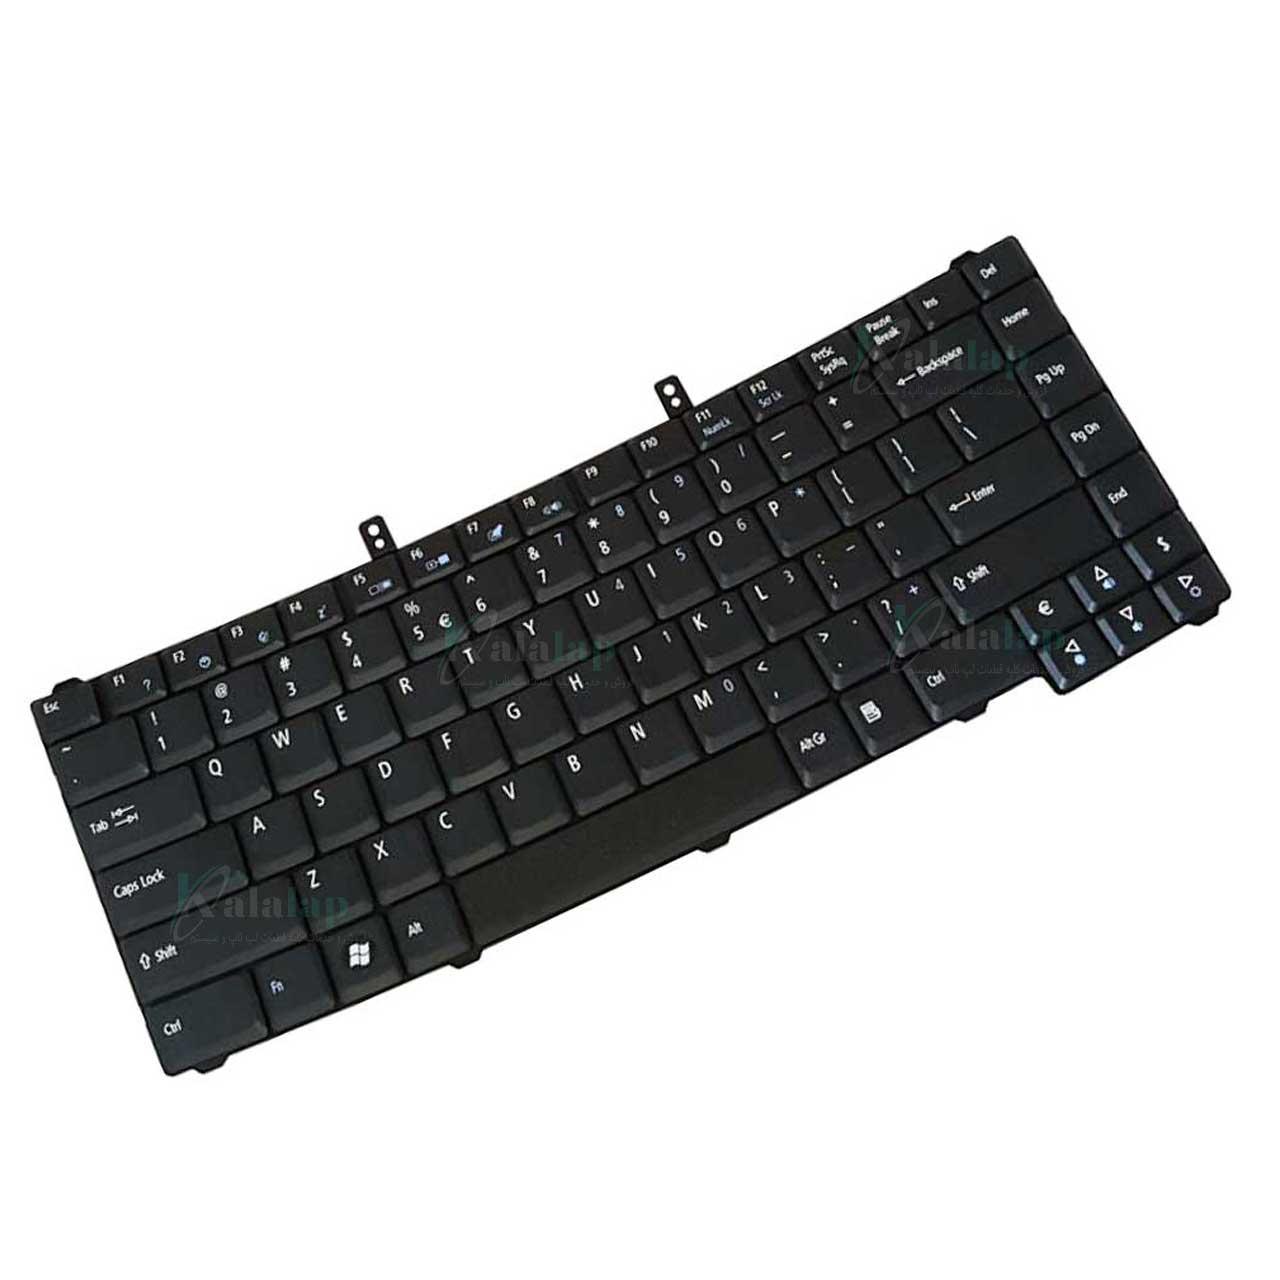 کیبورد لپ تاپ ایسر Keyboard Acer EXT 4230